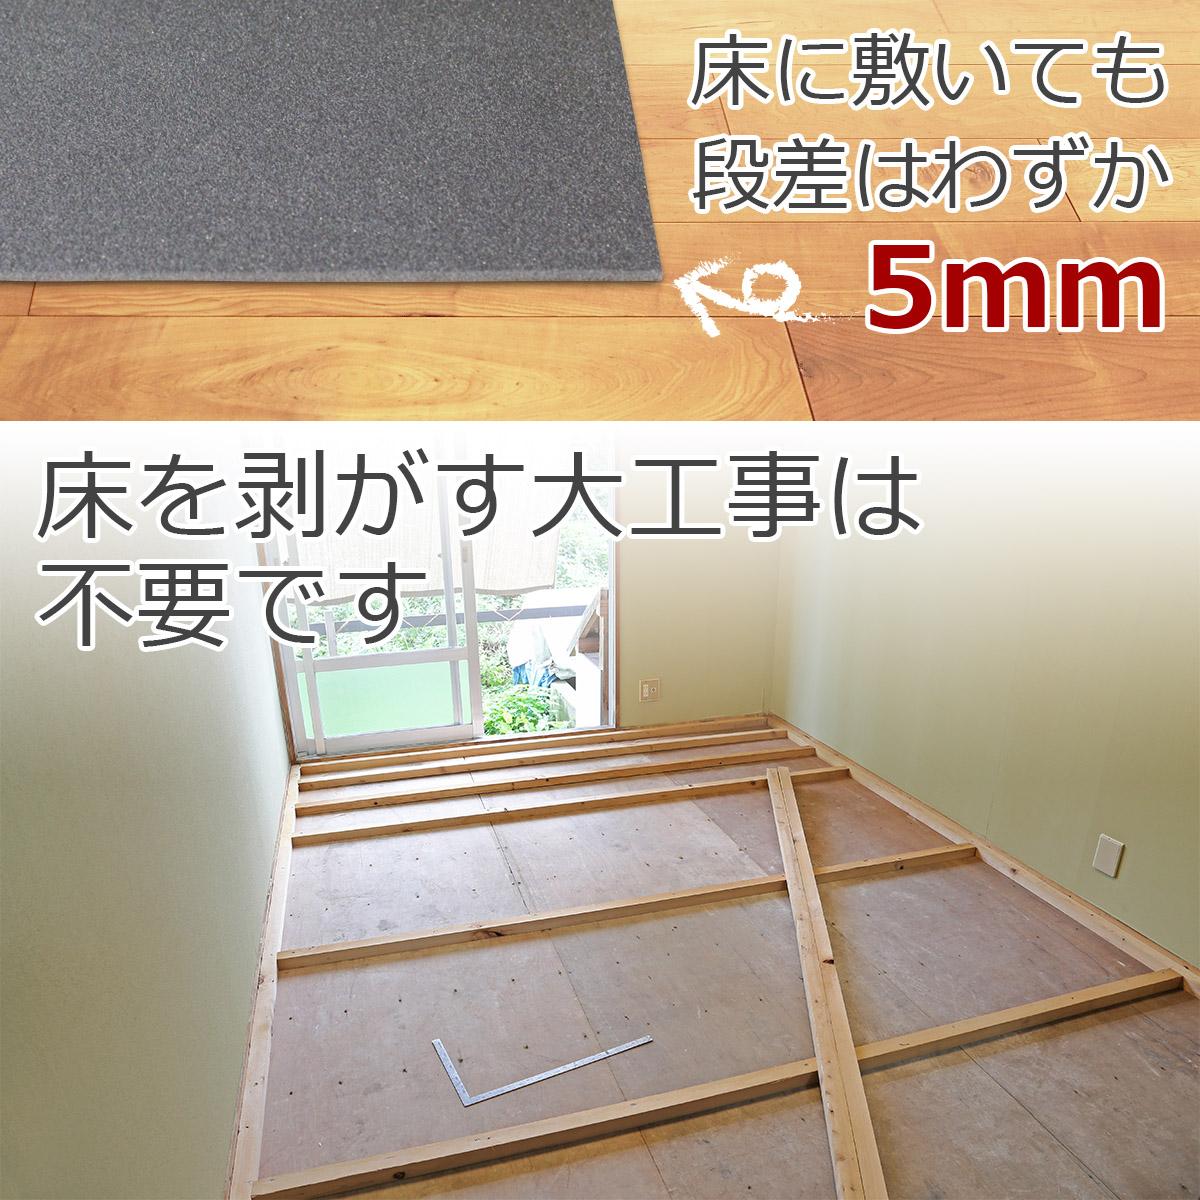 床に敷いても段差はわずか5mm 床を剥がす大工事は不要です